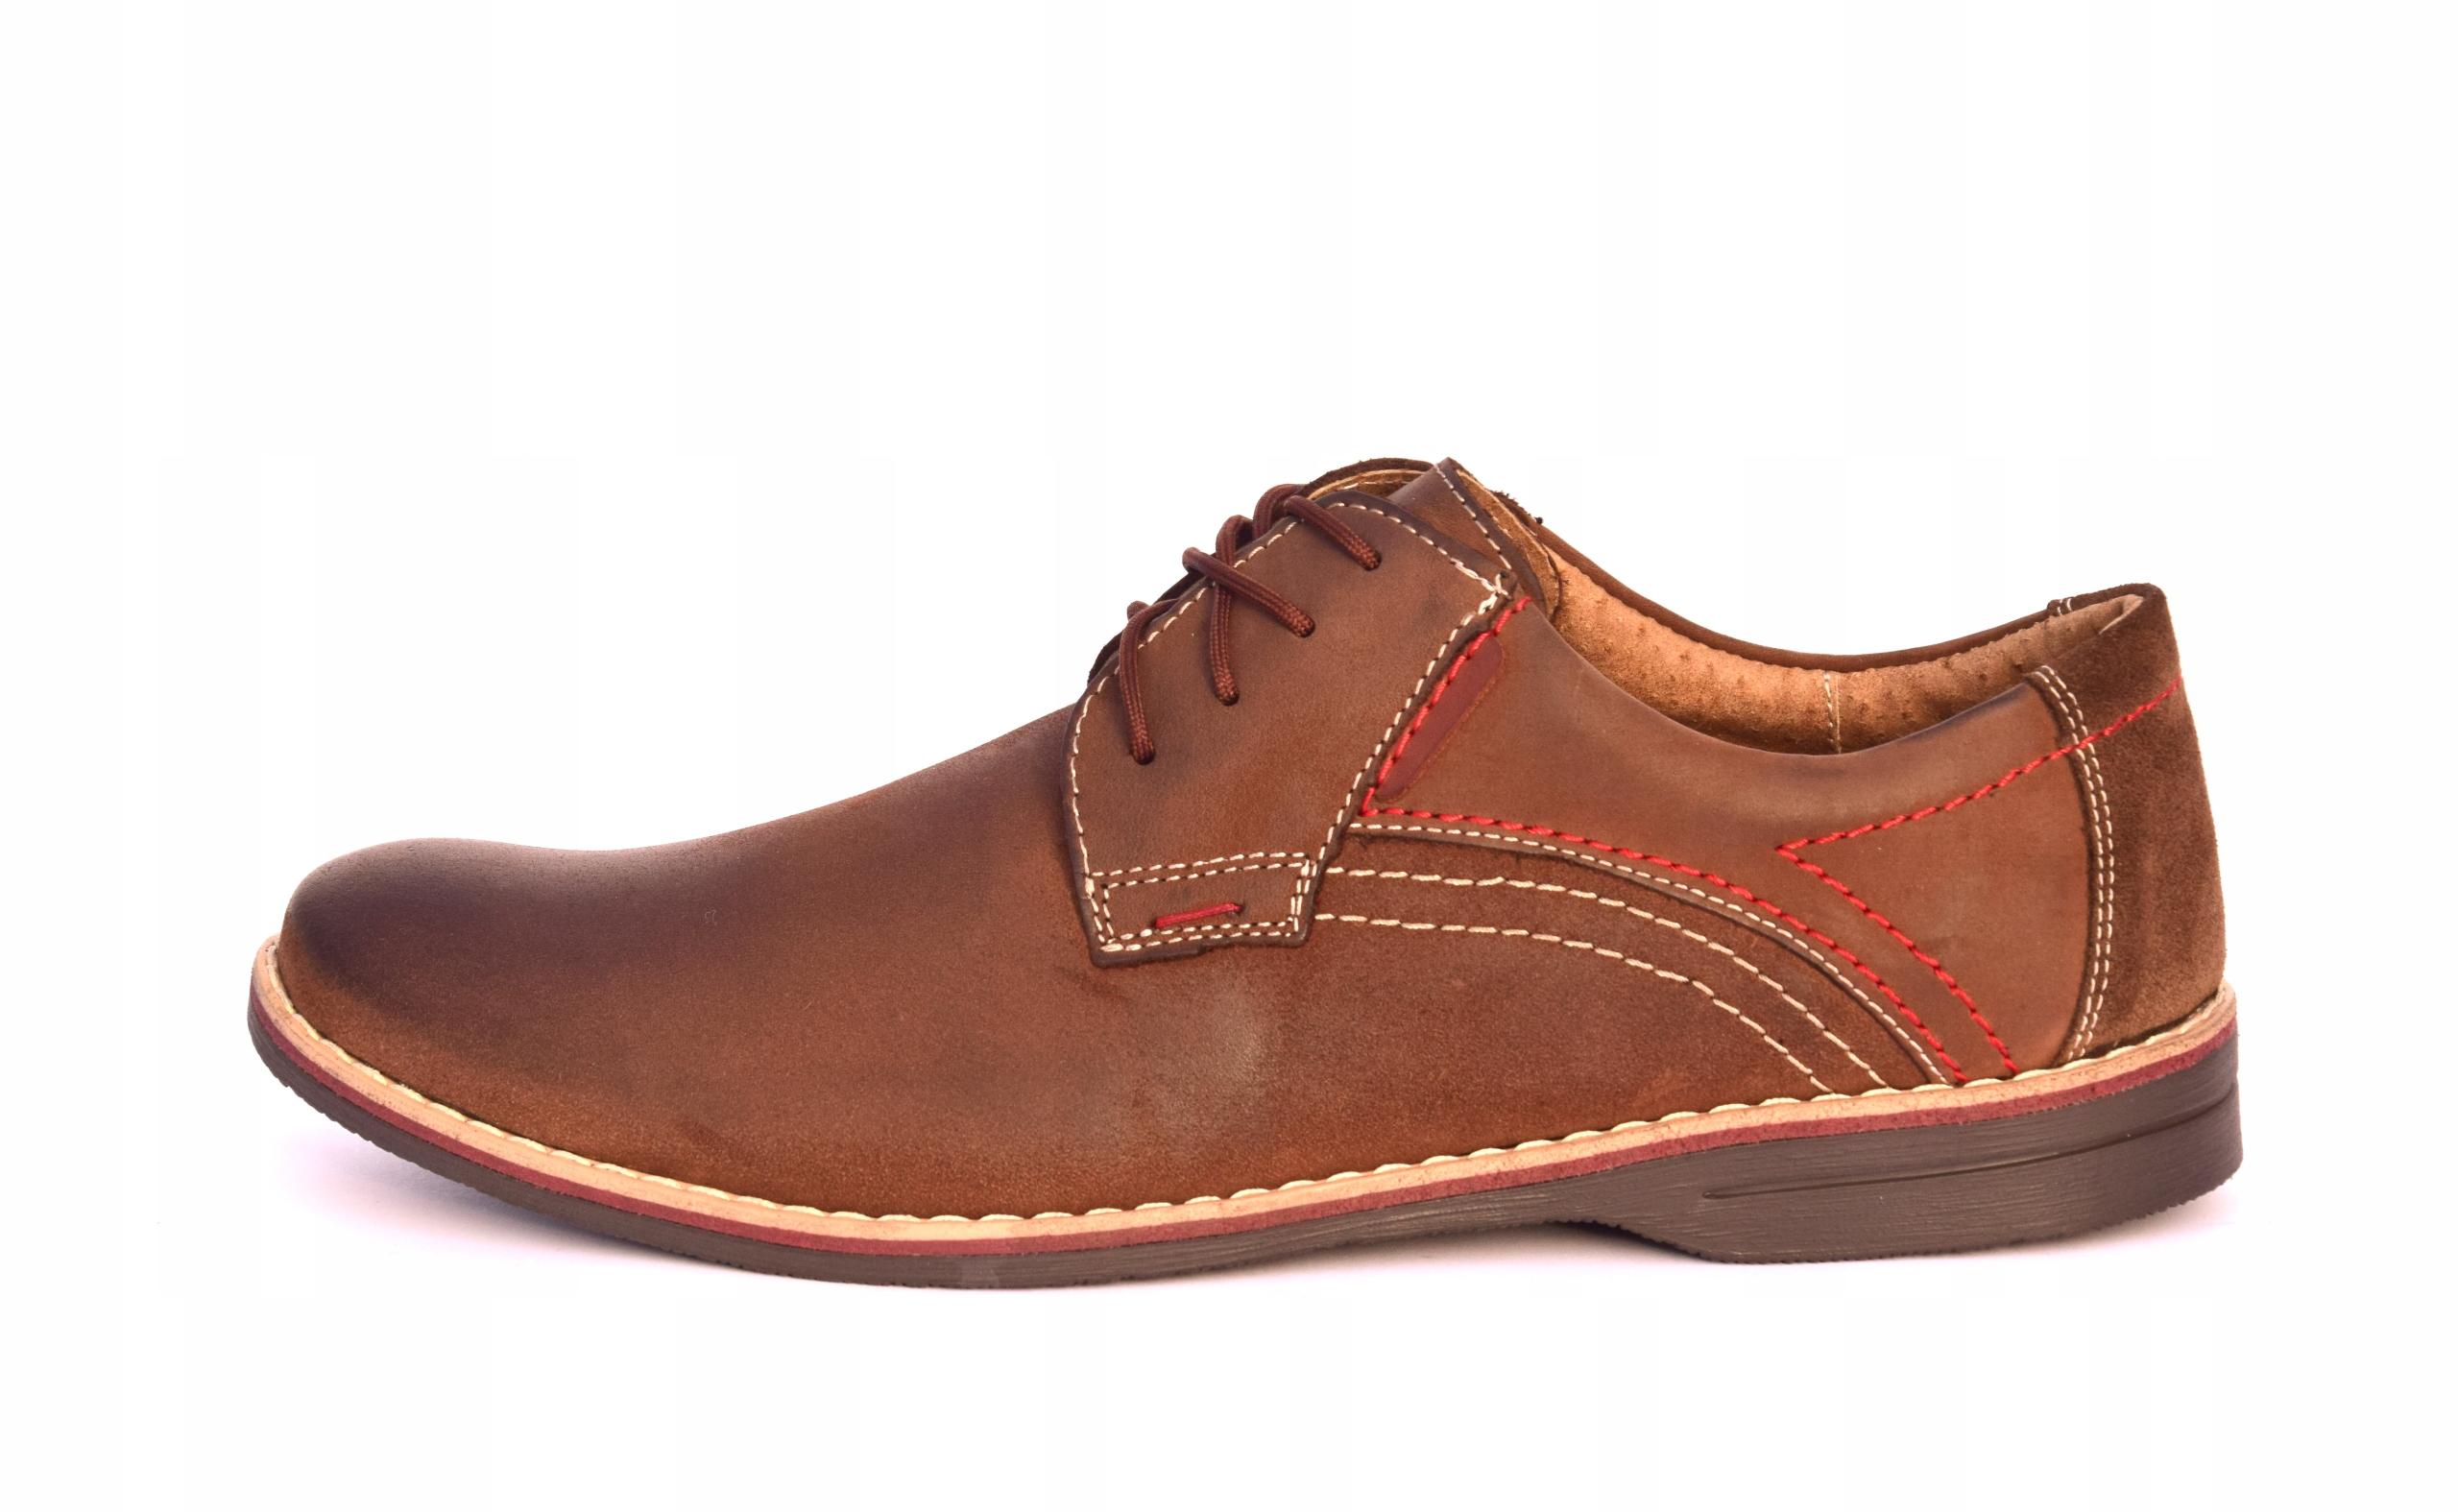 Buty męskie brązowe obuwie skórzane polskie 242 Rozmiar 41